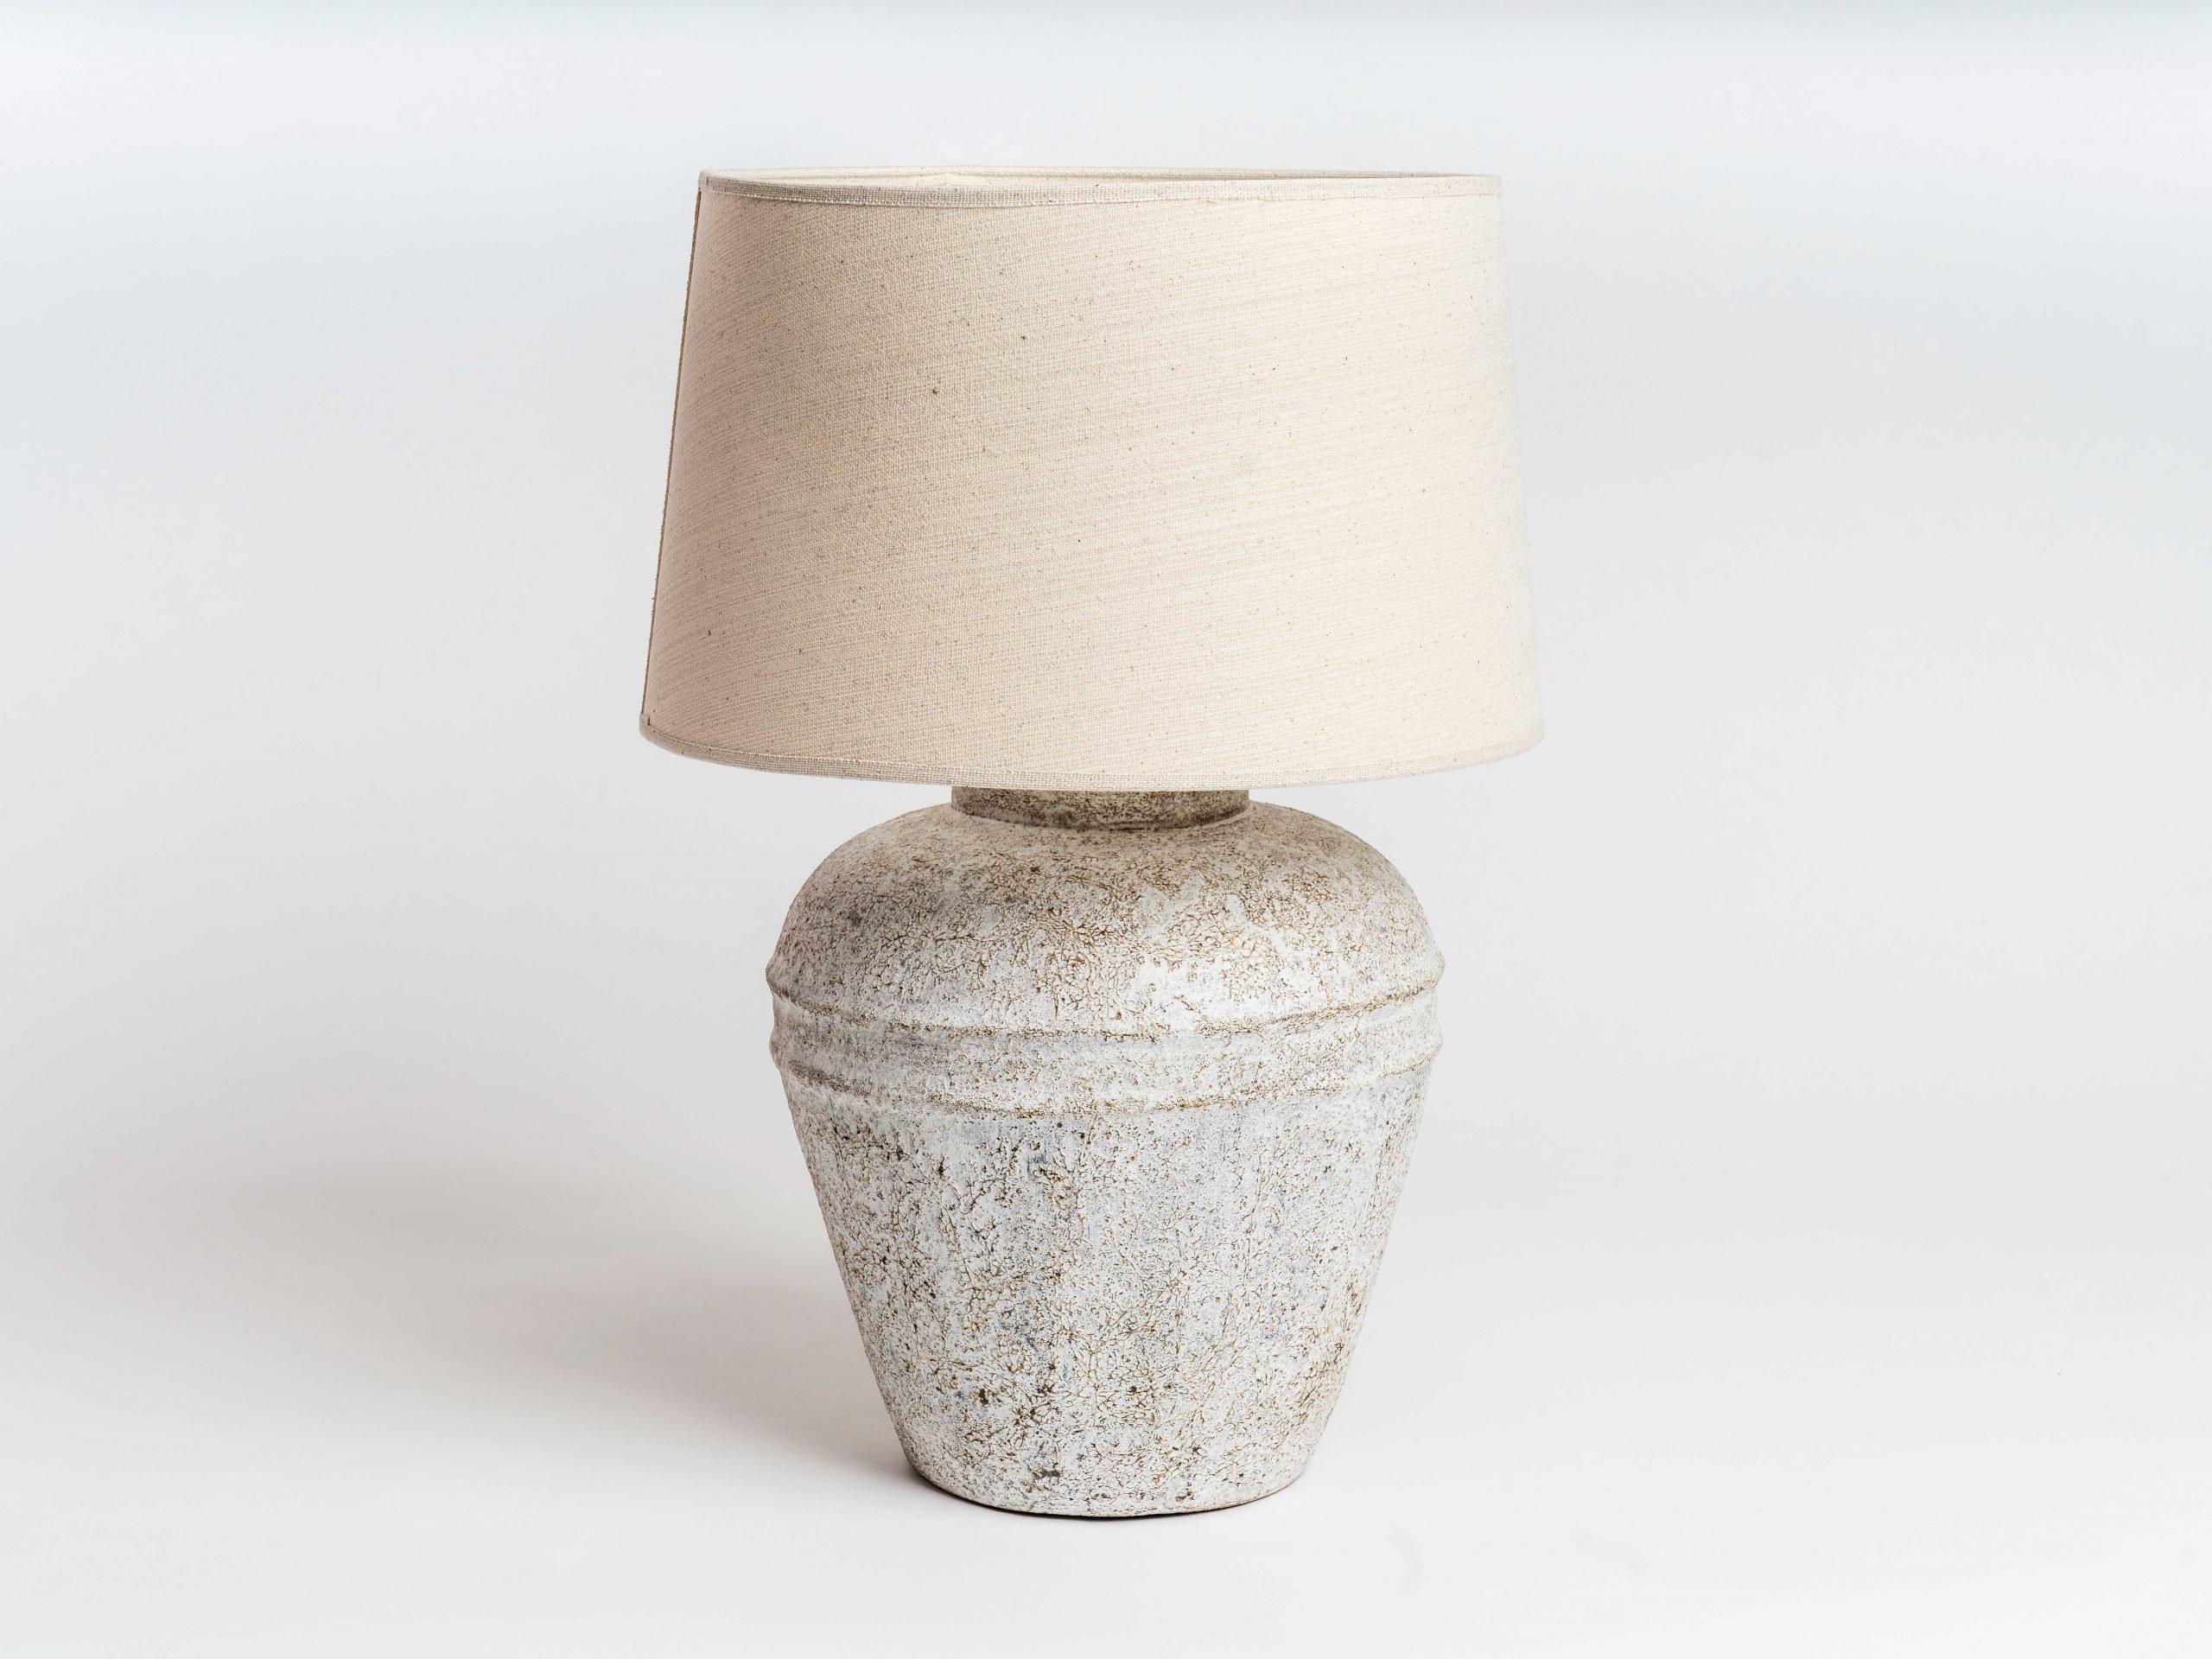 evenlode-terracotta-lamp-swatch